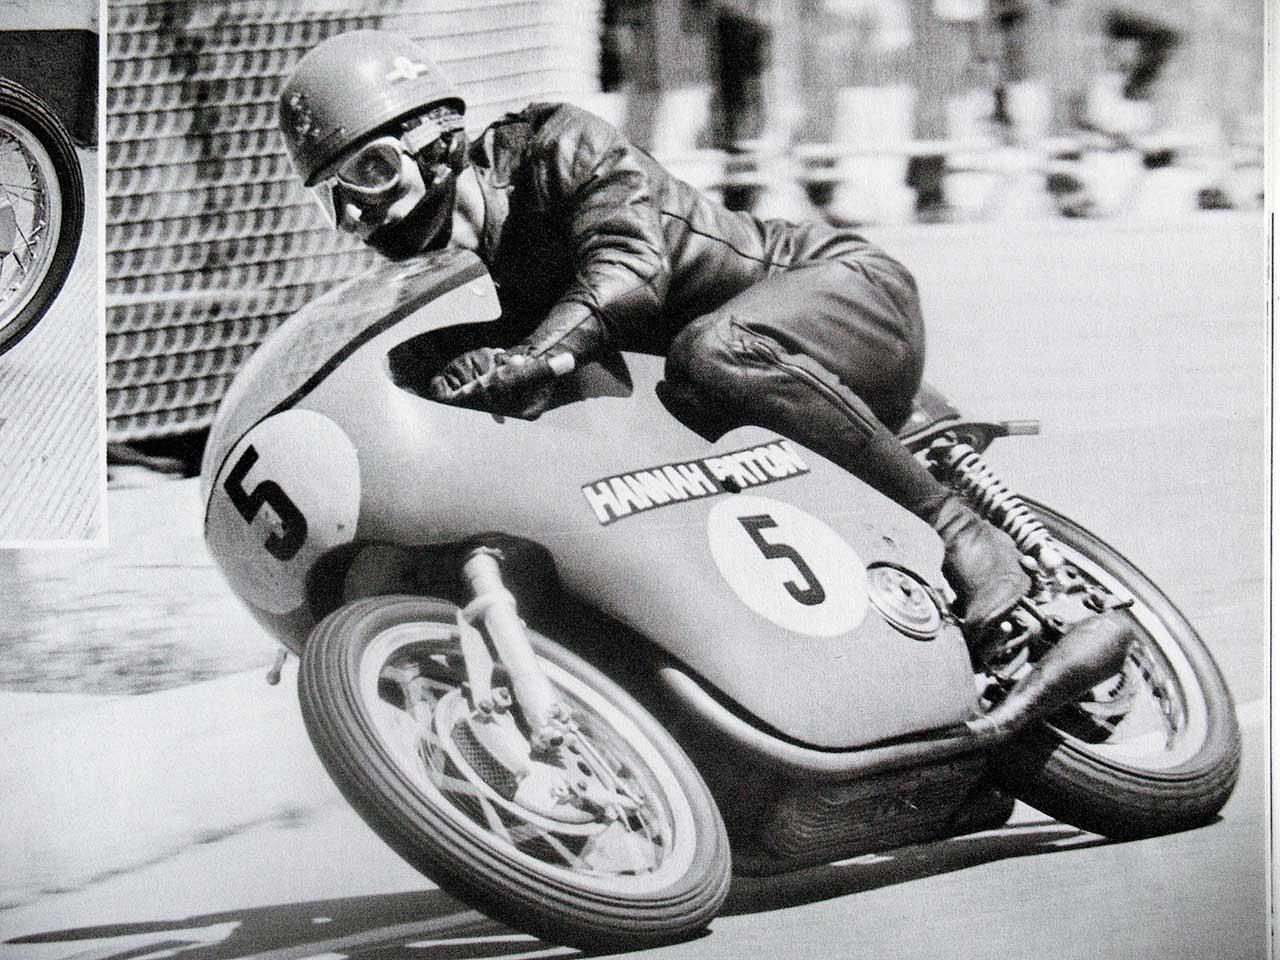 Paton_Storia-Anni60_Angelo-Bergamonti-Circuito-del-Montjuich-Campionato-Mondiale-500cc-1967